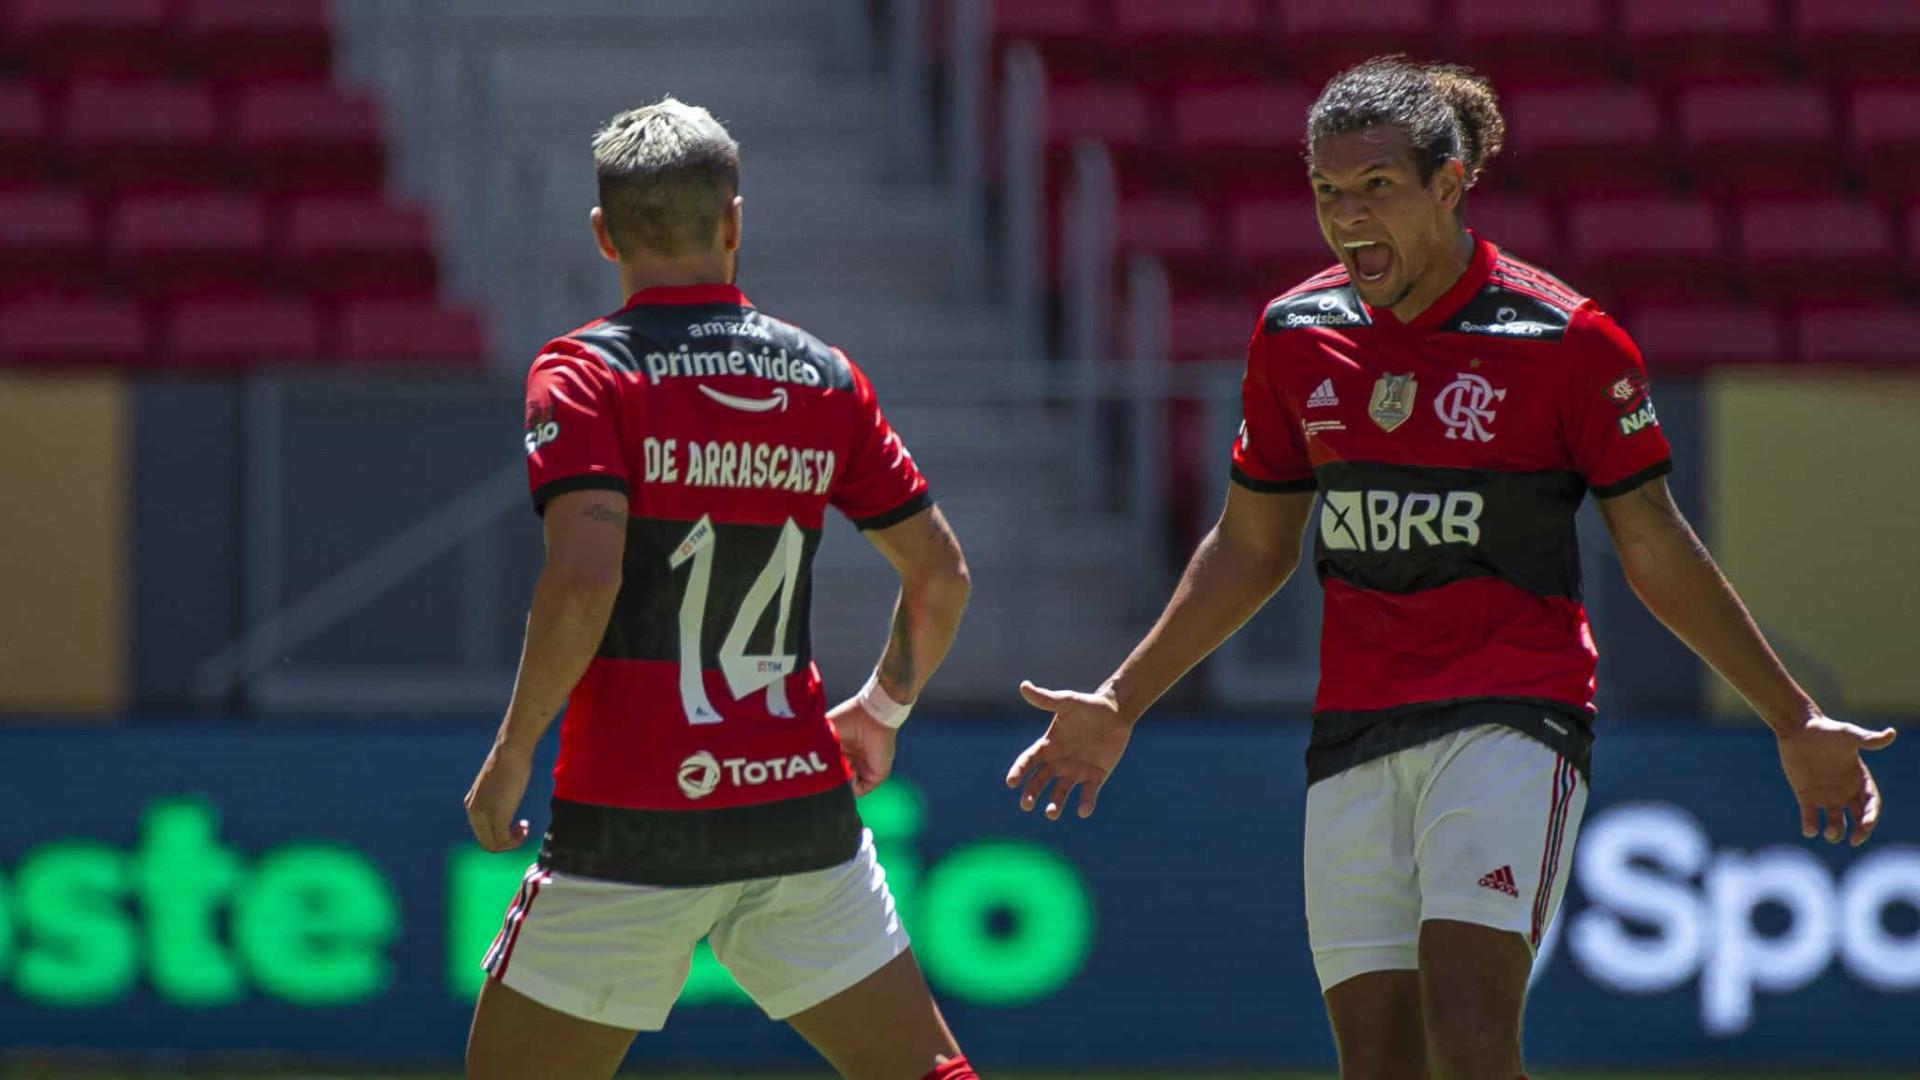 Em grande jogo, Flamengo bate Palmeiras nos pênaltis e é bicampeão da Supercopa